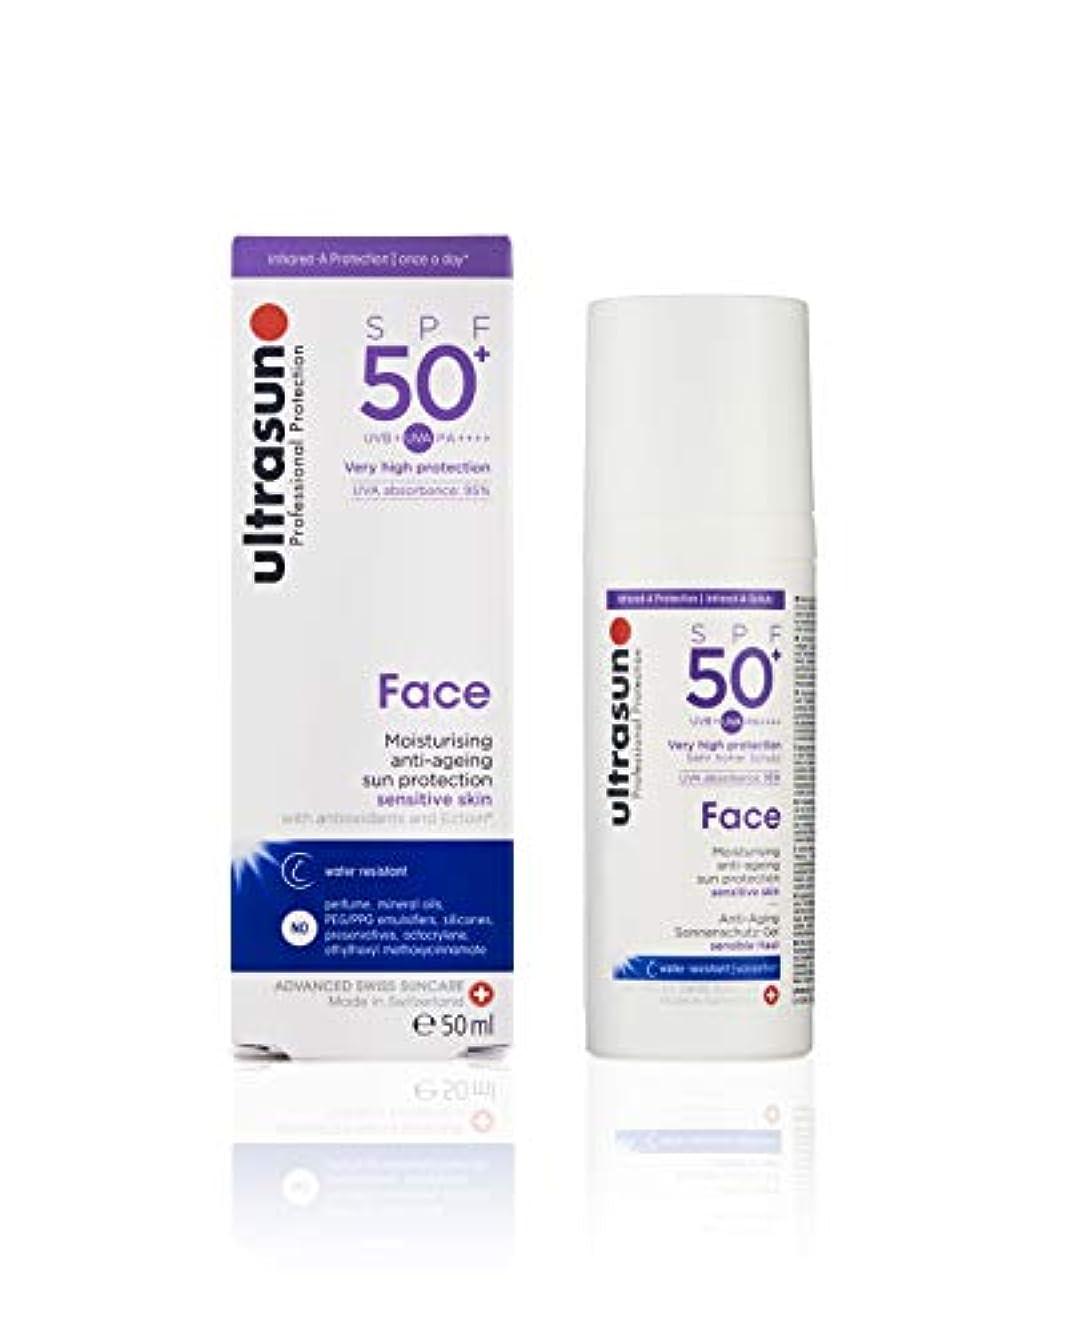 ブラジャー盲信できたアルトラサン 日やけ止めクリーム フェイス UV 敏感肌用 SPF50+ PA++++ トリプルプロテクション 50mL